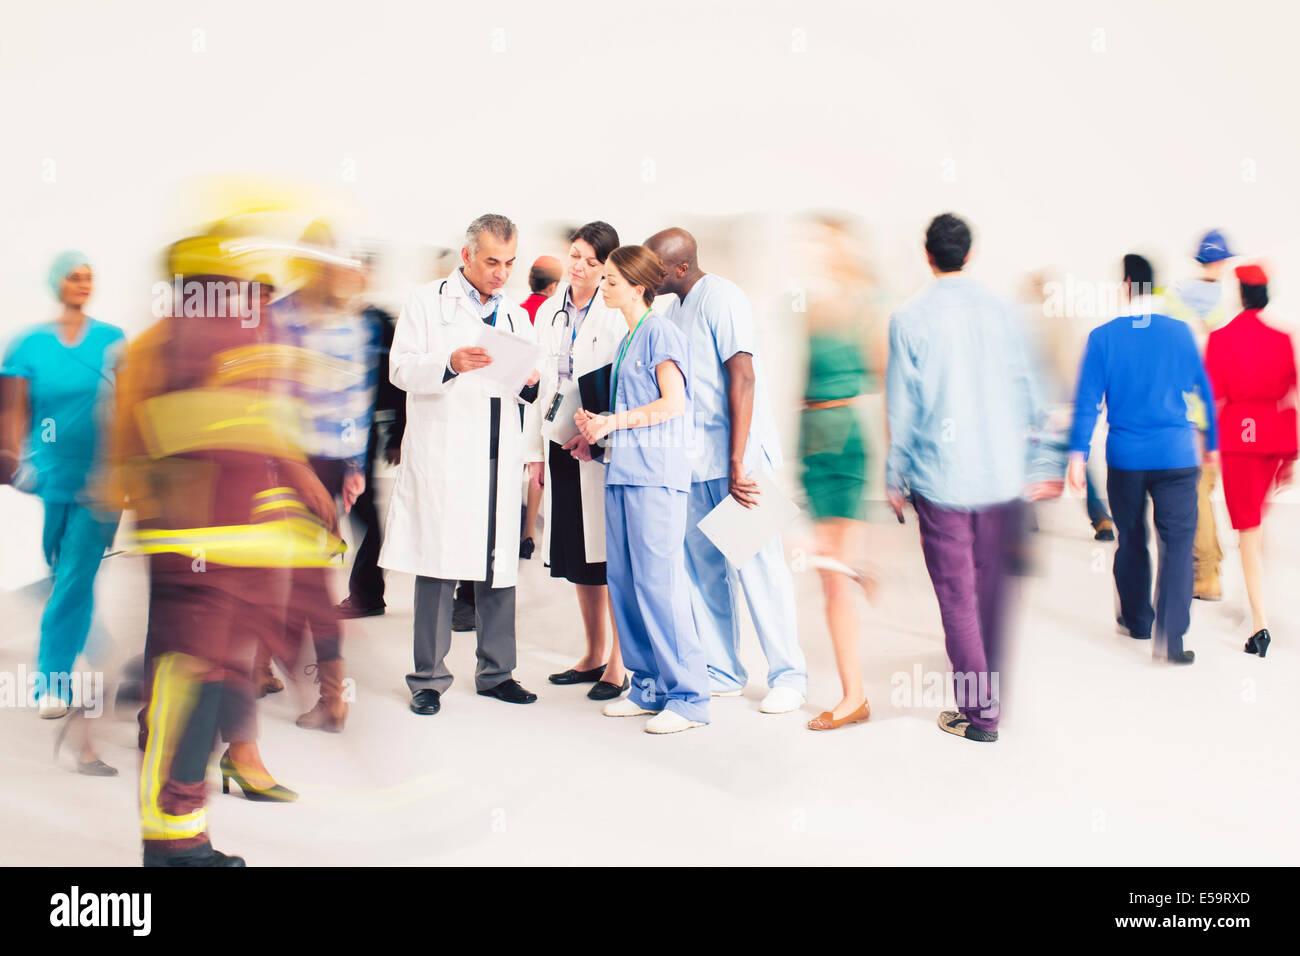 Animation autour de l'effectif de médecins et d'infirmières Photo Stock